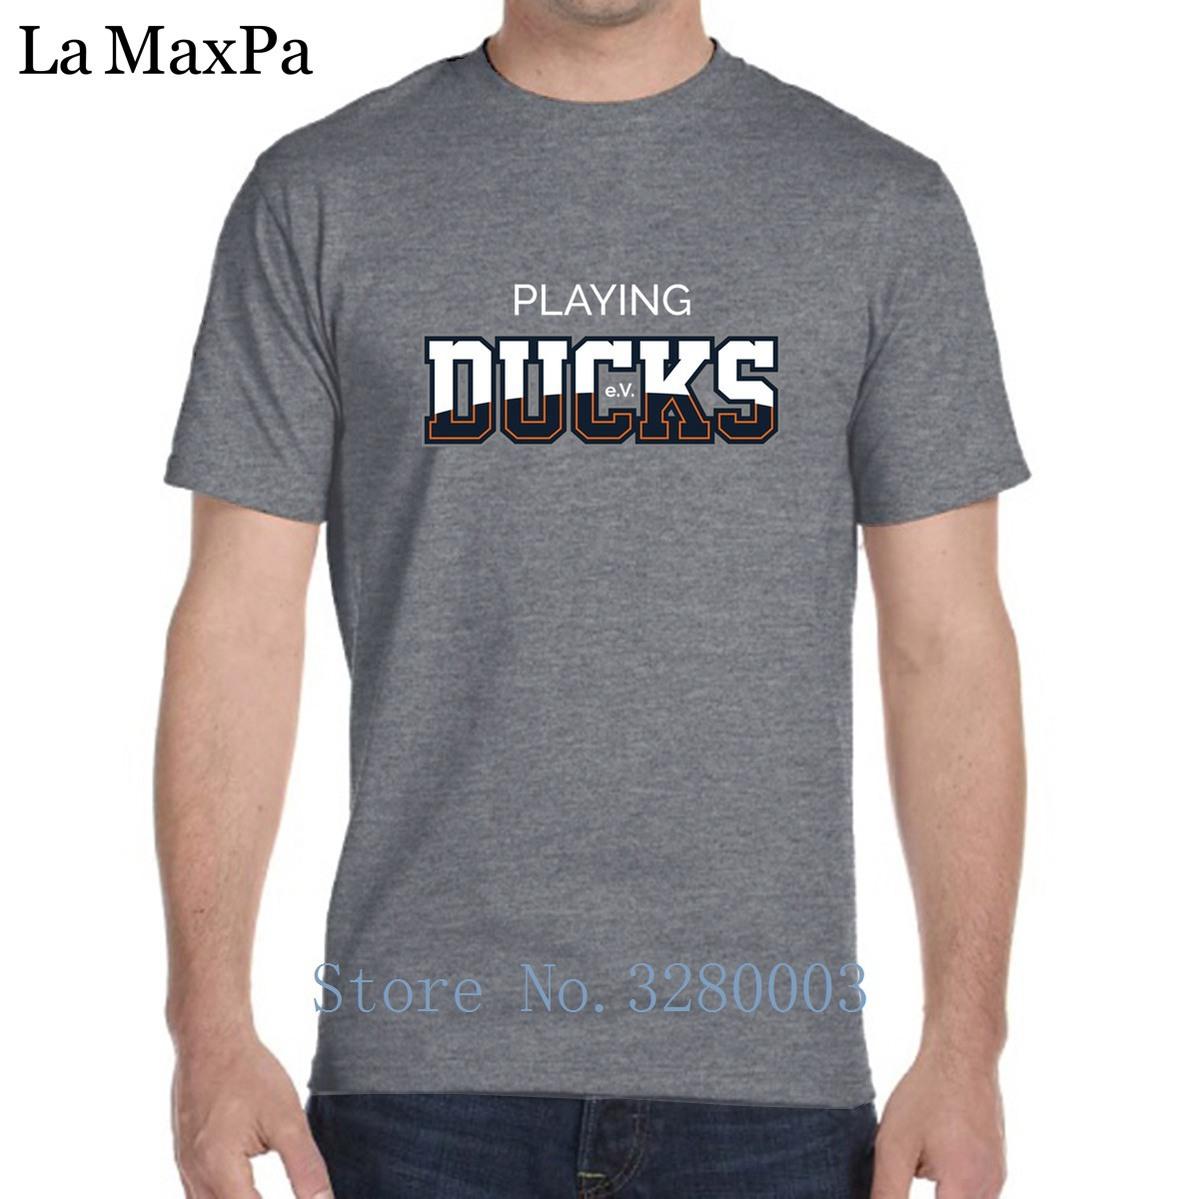 Характер новый мужская футболка Pd классический футболка для мужчин солнечный свет мужчины футболка стандартный круглый воротник хип-хоп топы